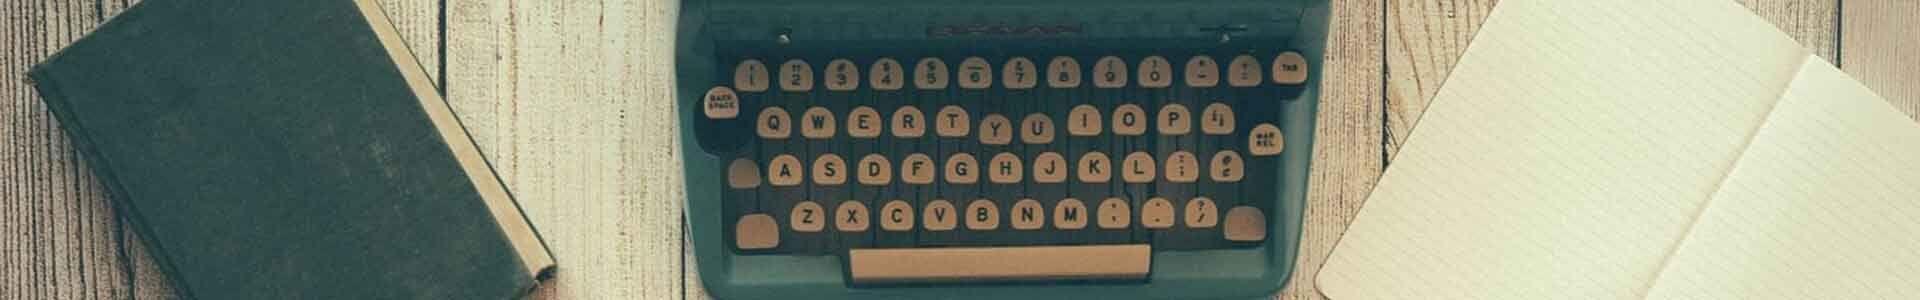 Tips om goede advertentie copy te schrijven